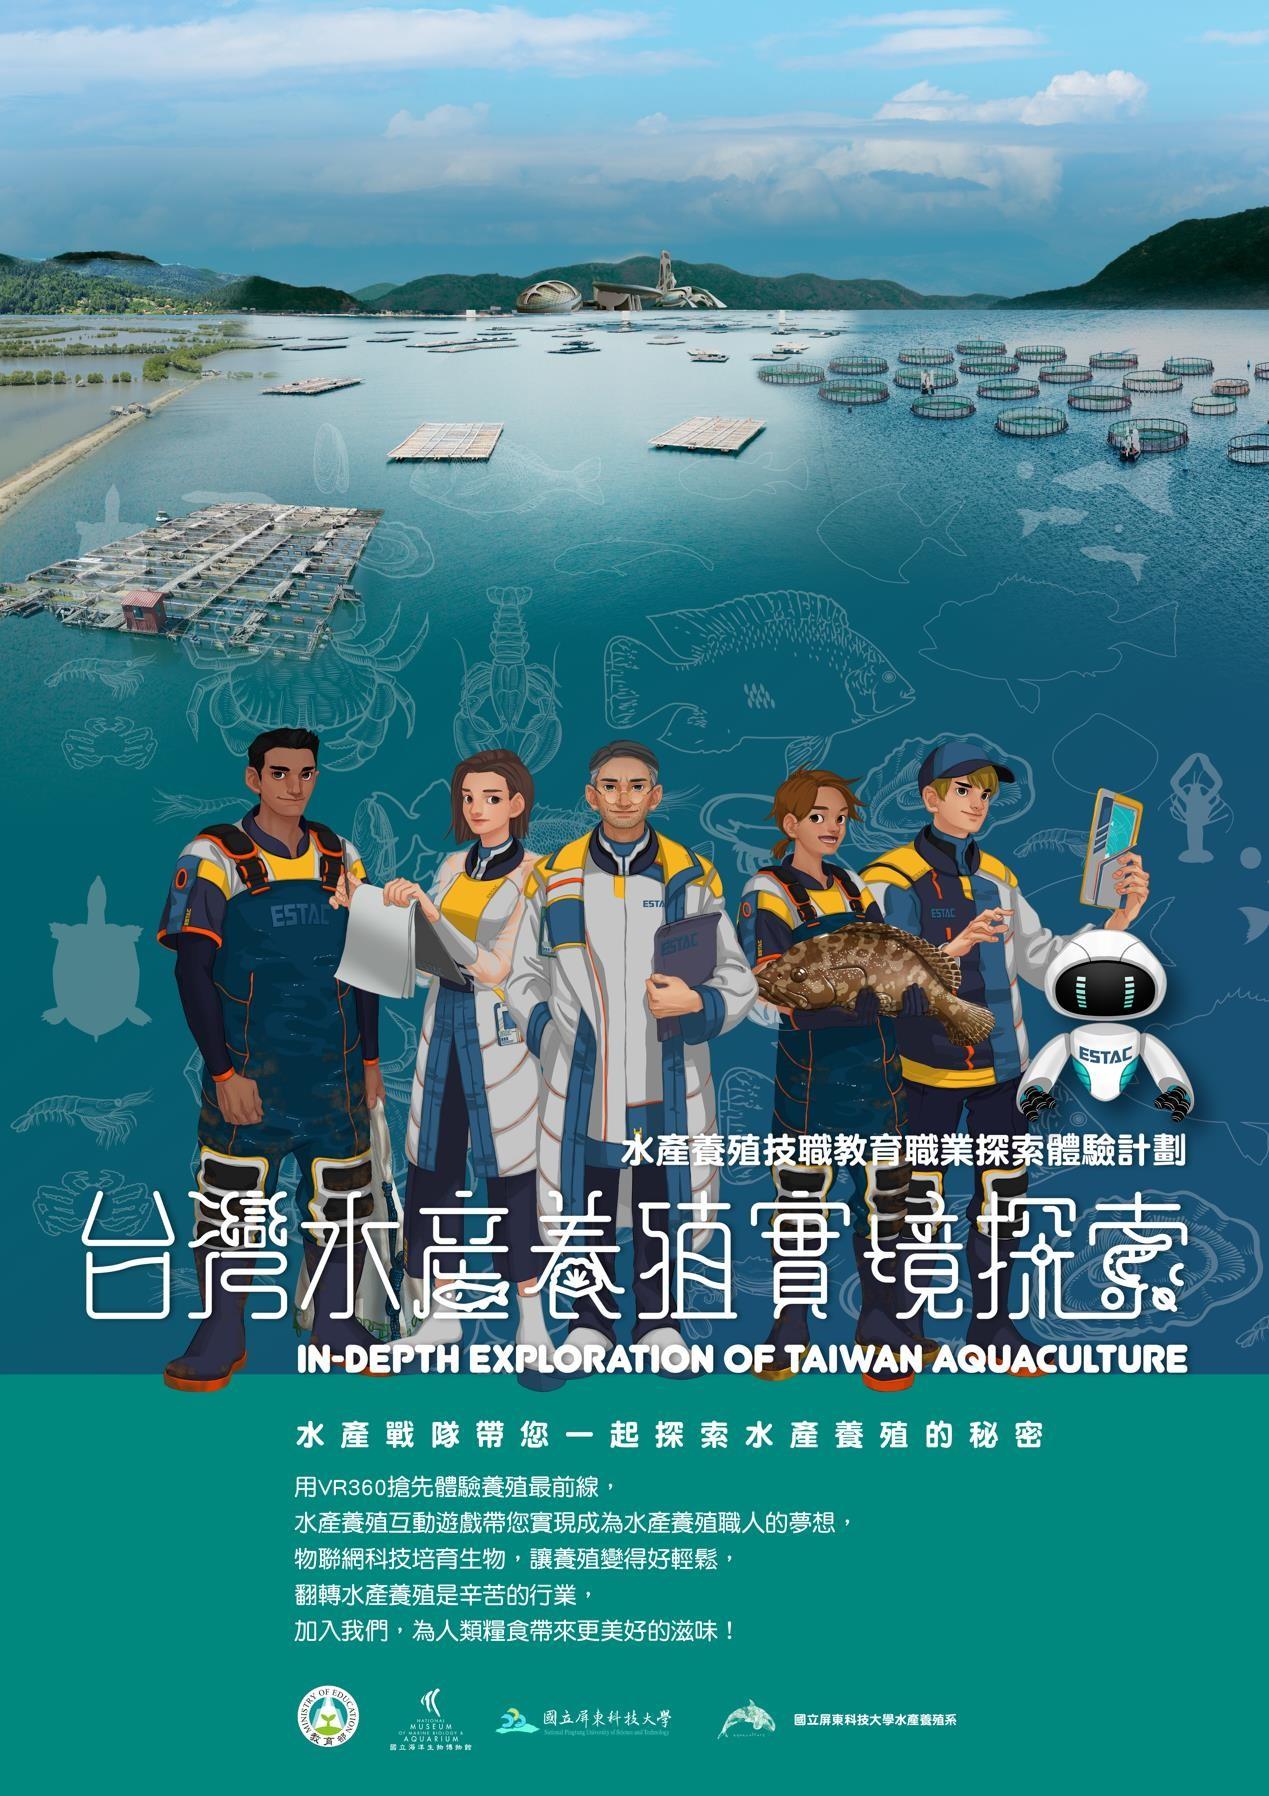 臺灣水產養殖實境探索體驗展覽